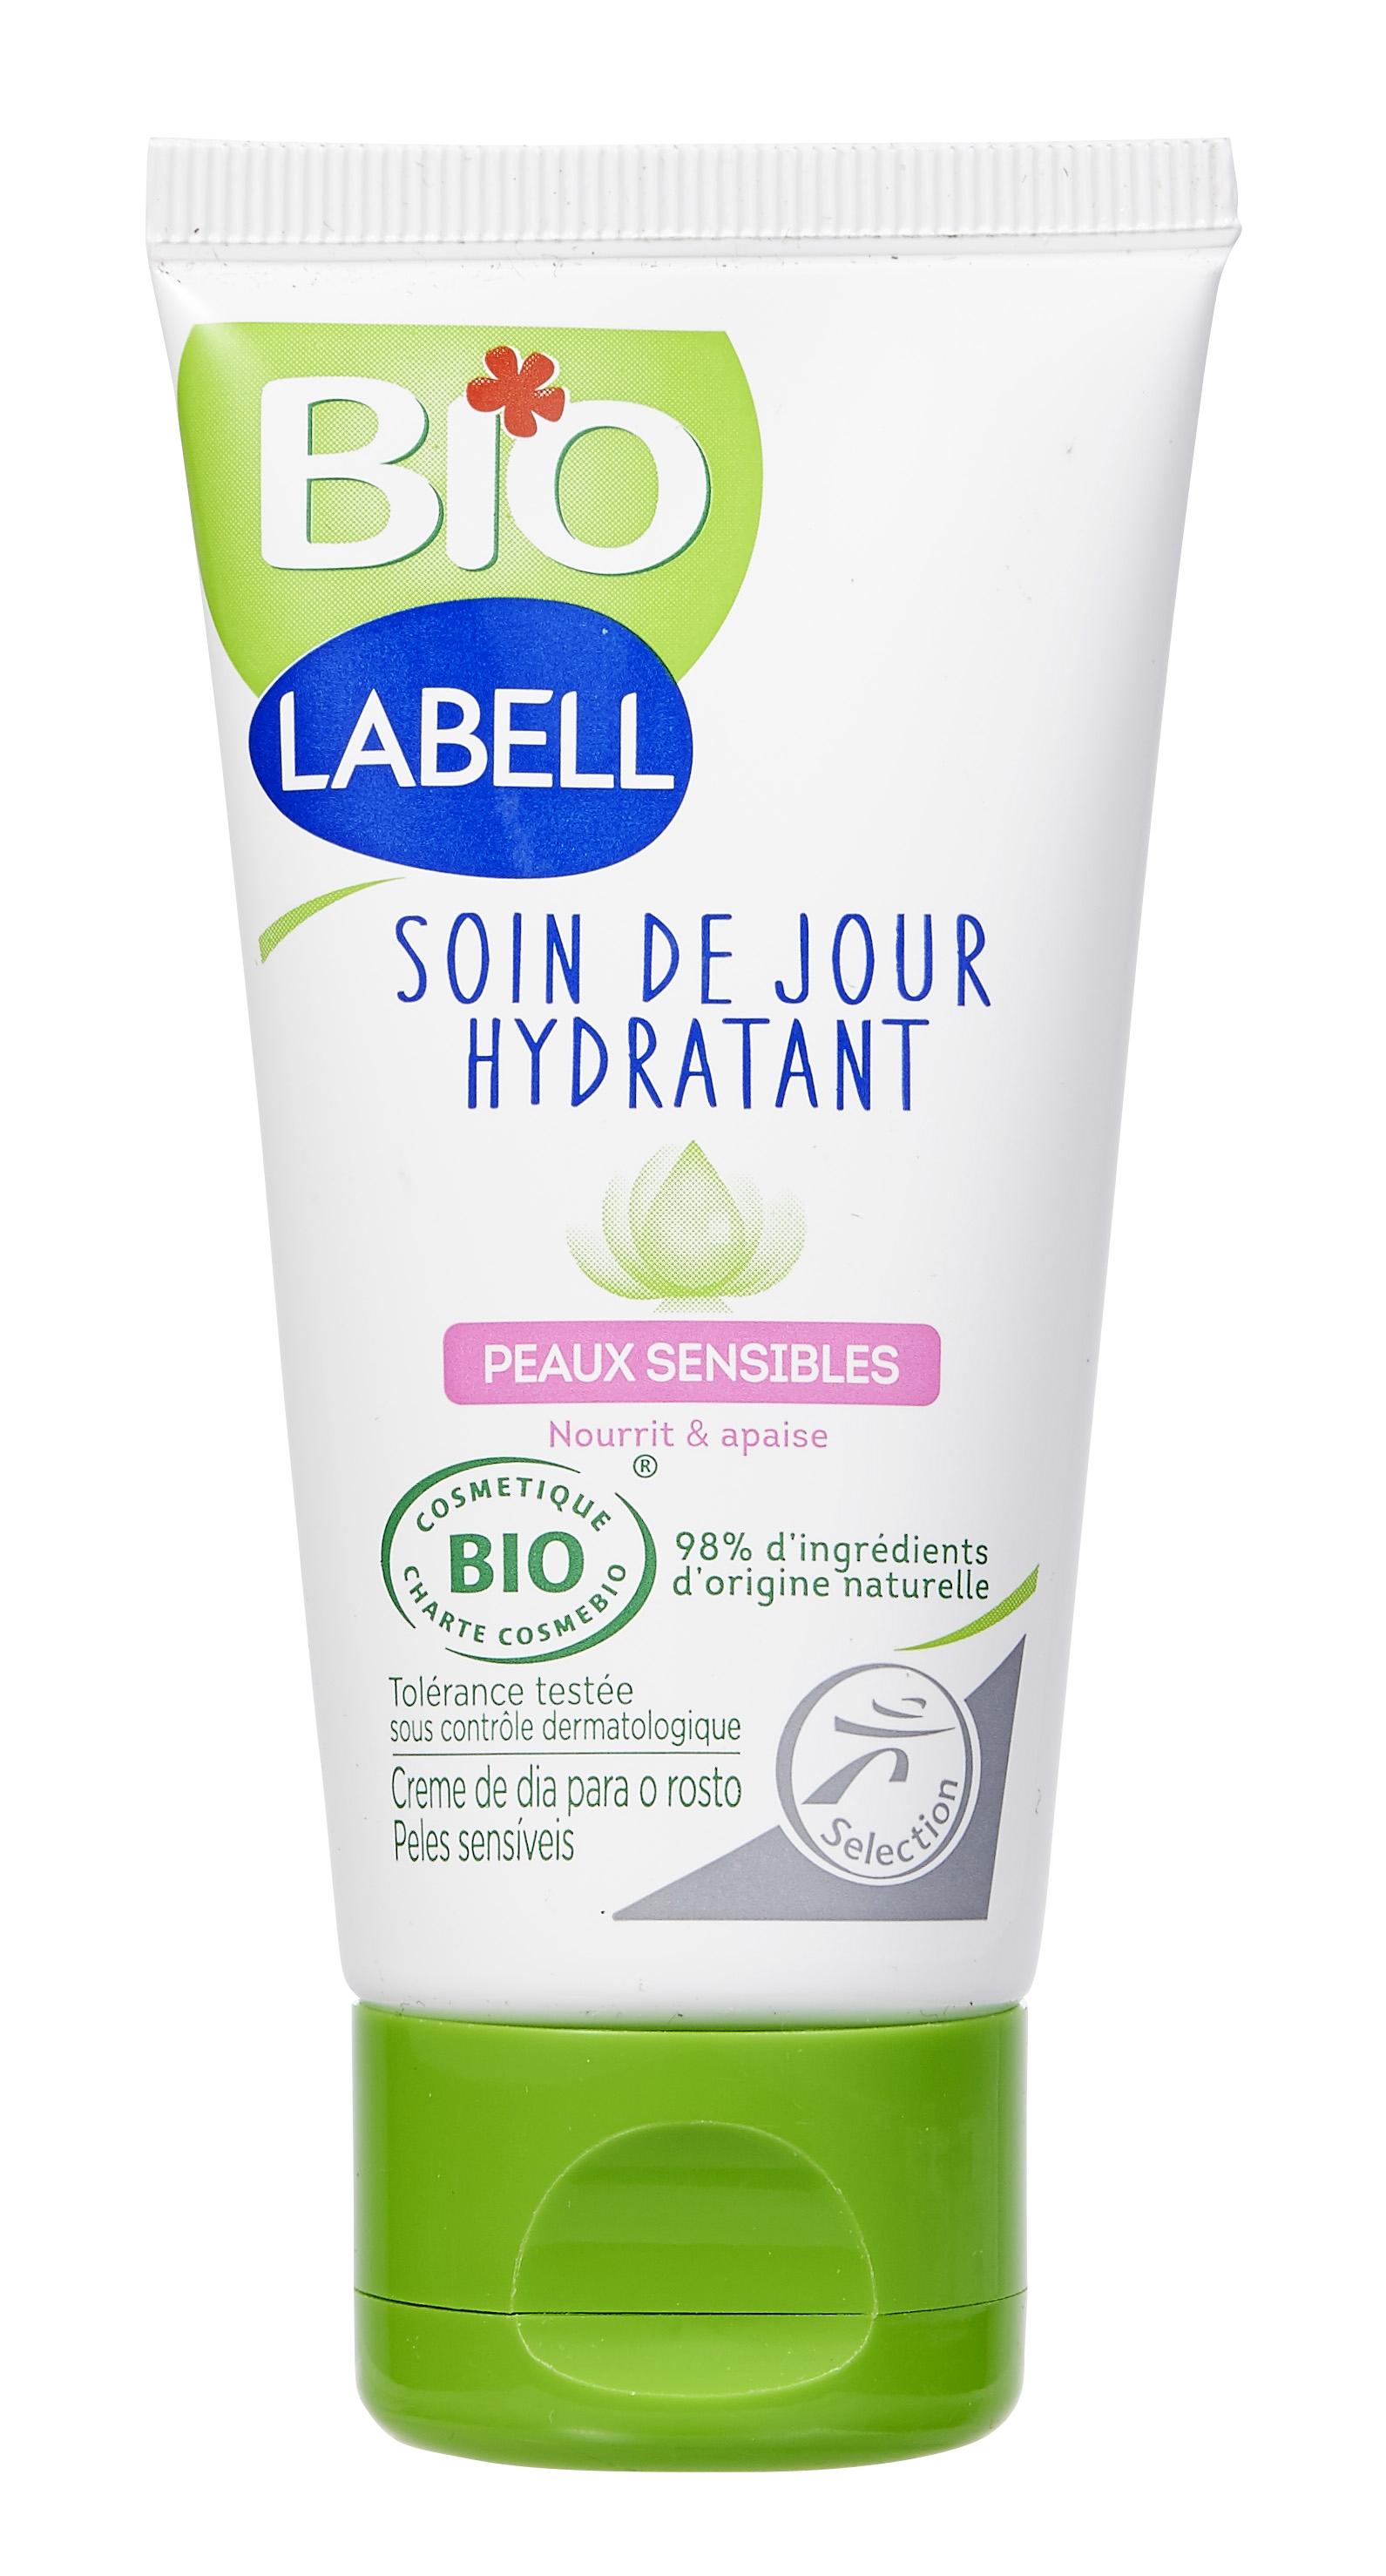 soin-de-jour-hydratant-bio-labell